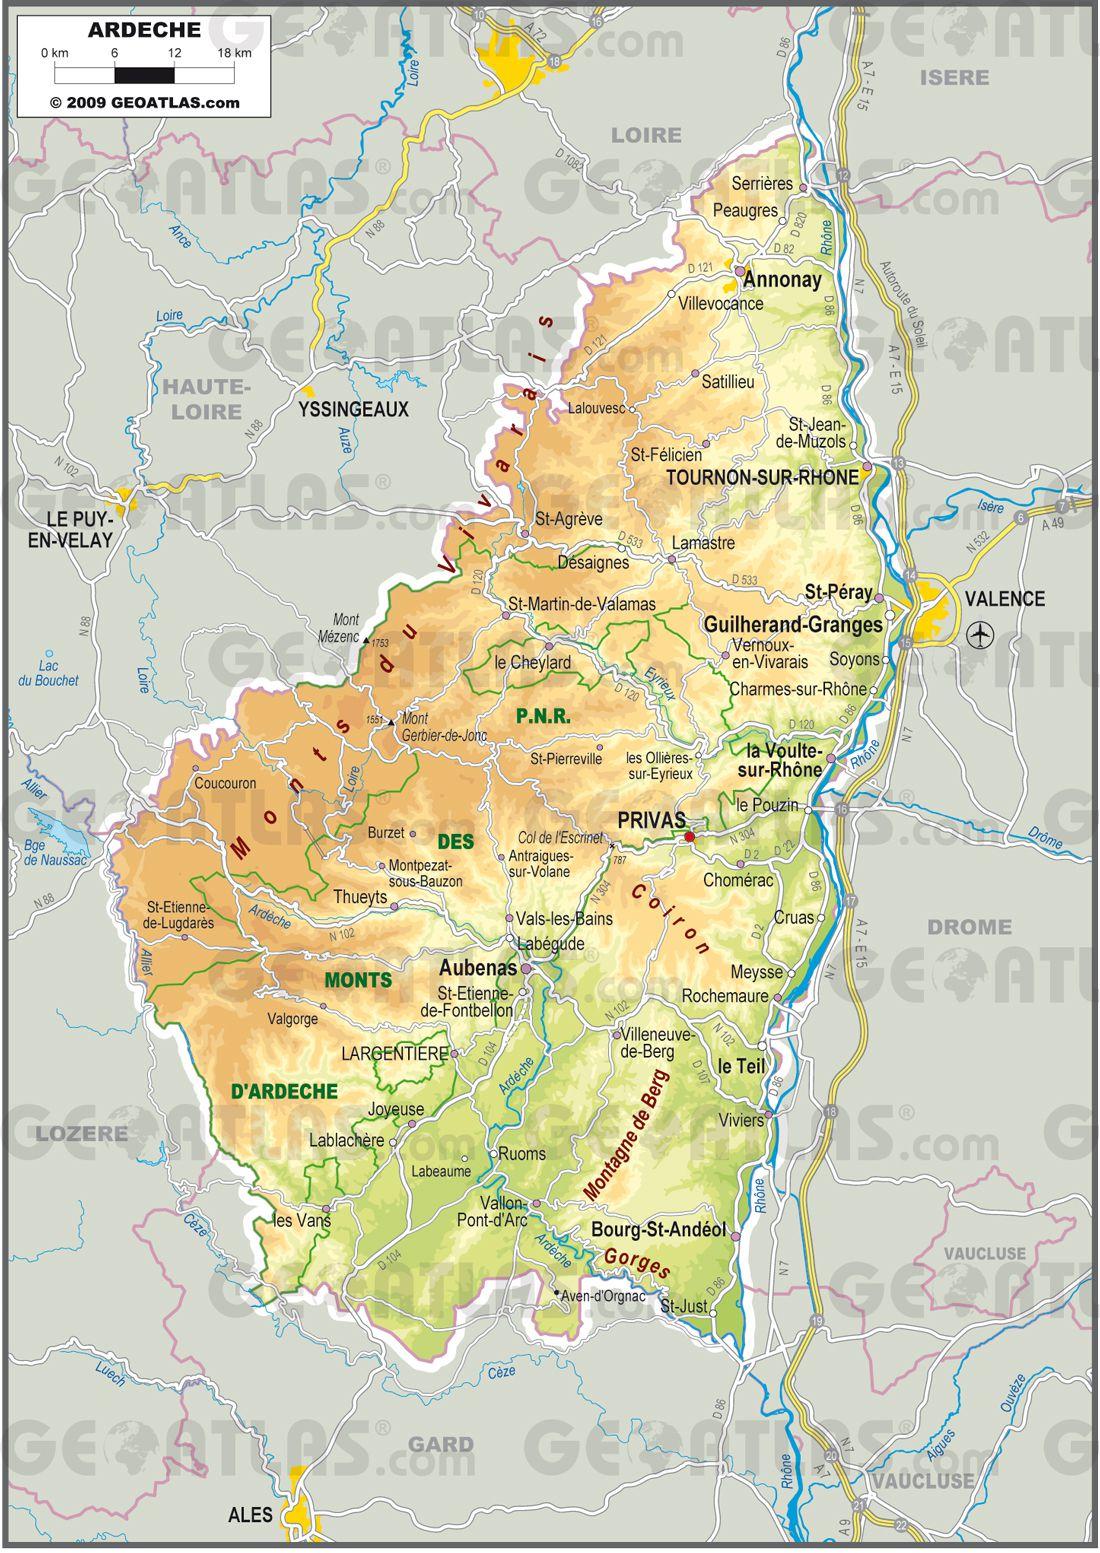 7de8bf4baf Carte de l Ardèche - Ardèche carte des villes